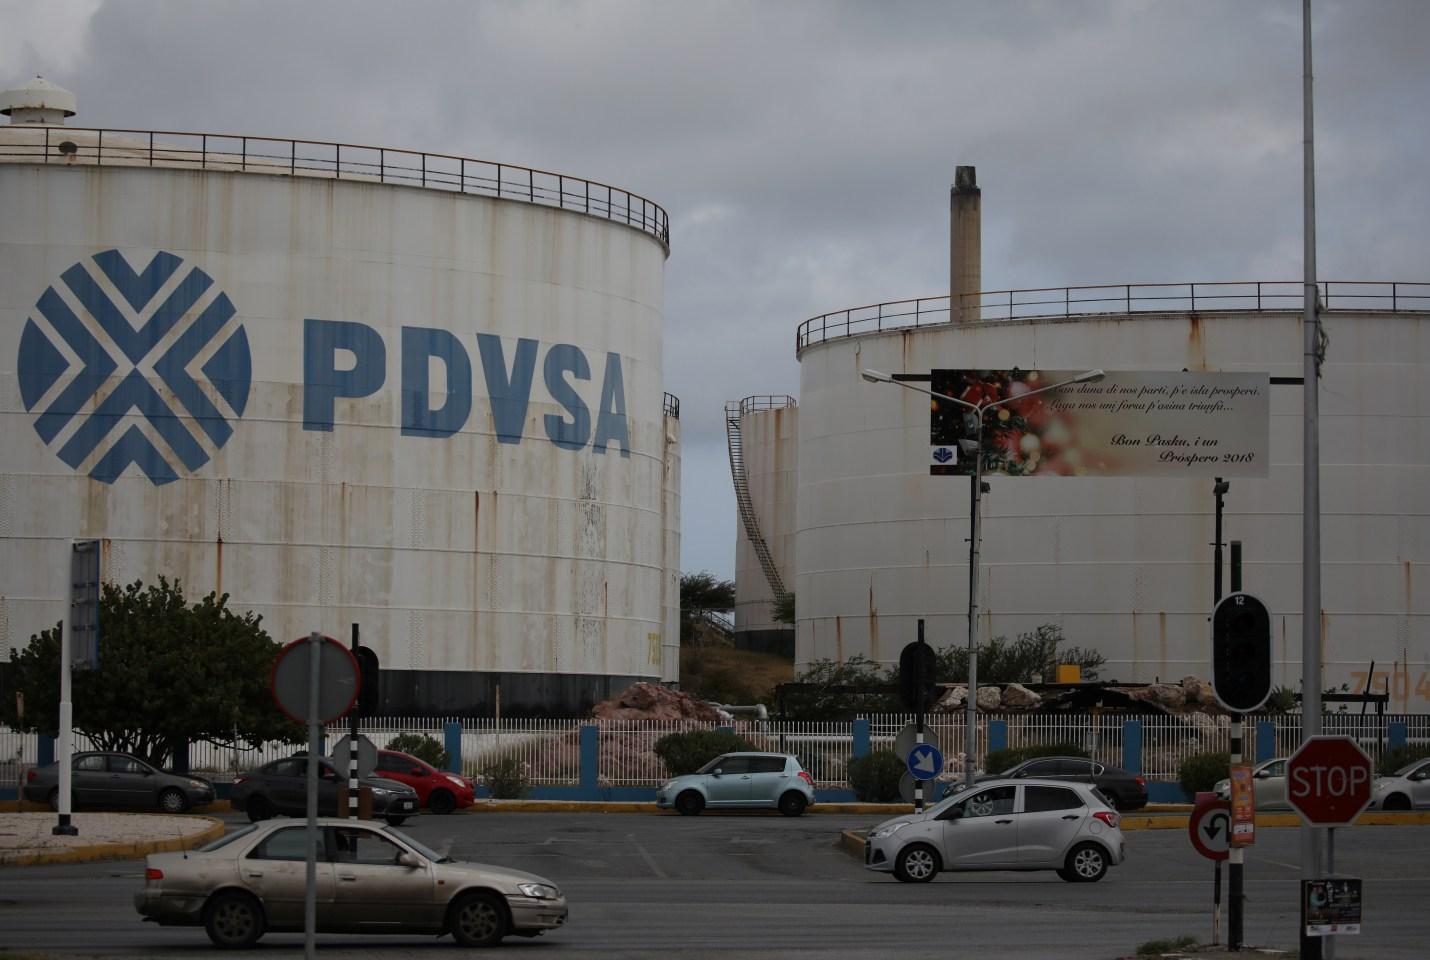 Pesimismo y delirio de Pdvsa para 2021: 35 dólares promedio por barril y producción de 1,8 MMBD